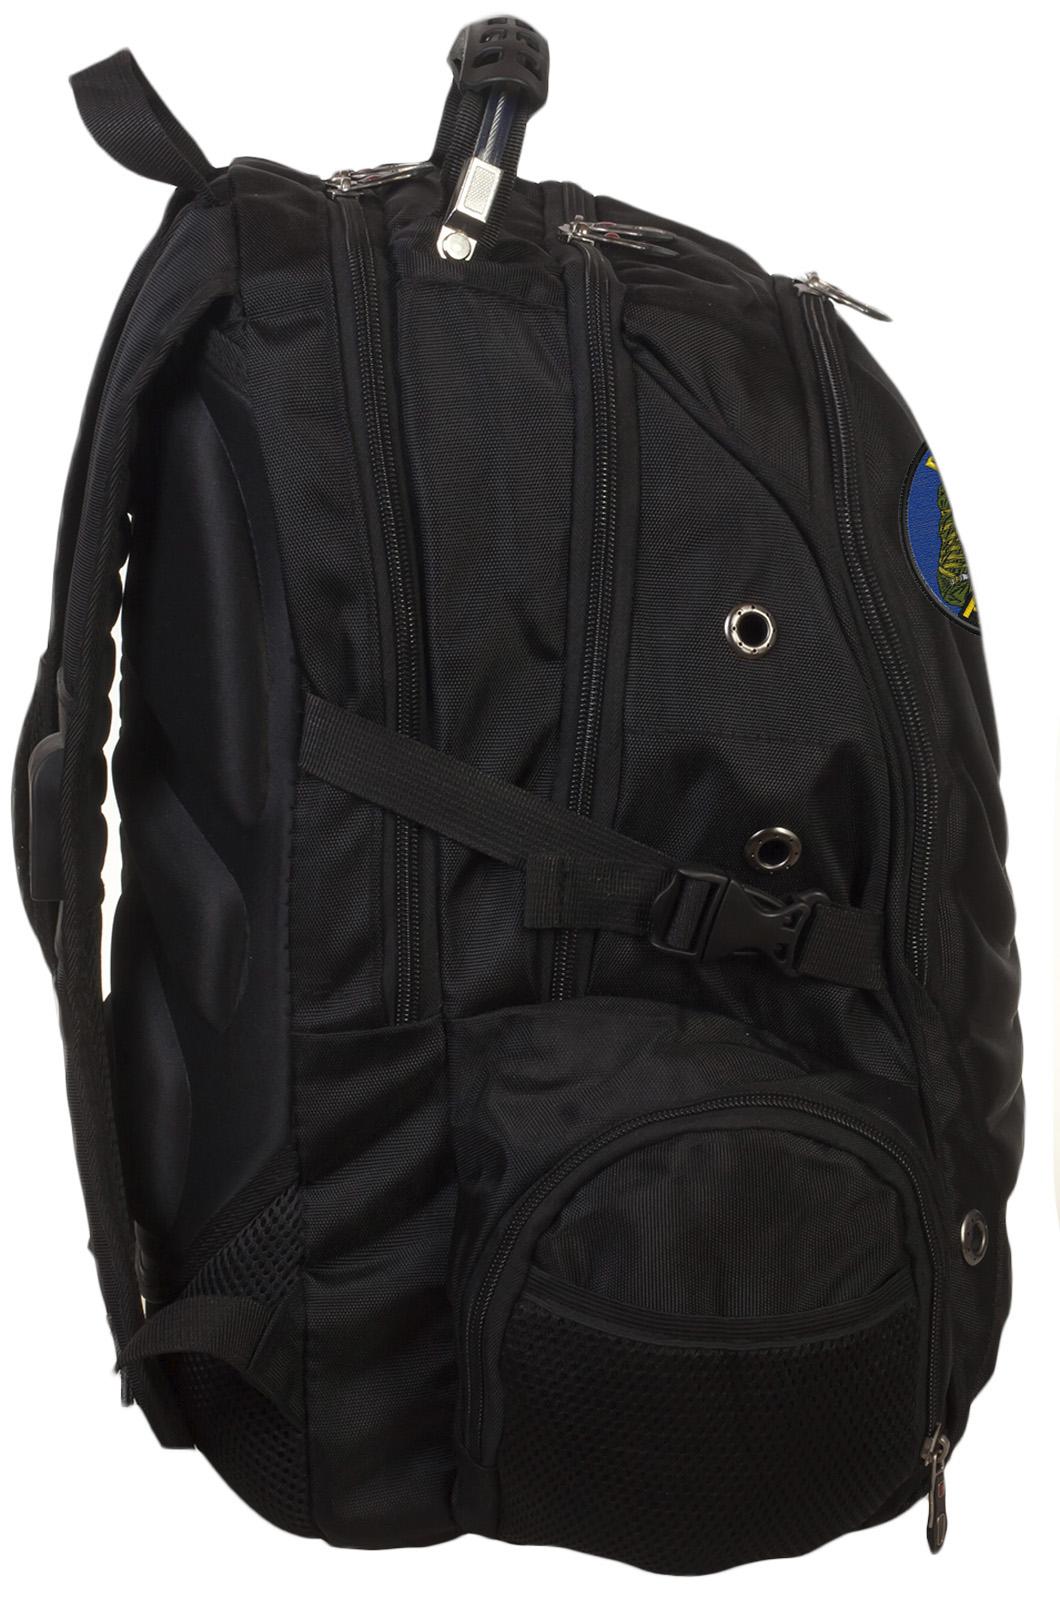 Надежный крутой ранец-рюкзак с нашивкой Войсковая Разведка - купить в подарок